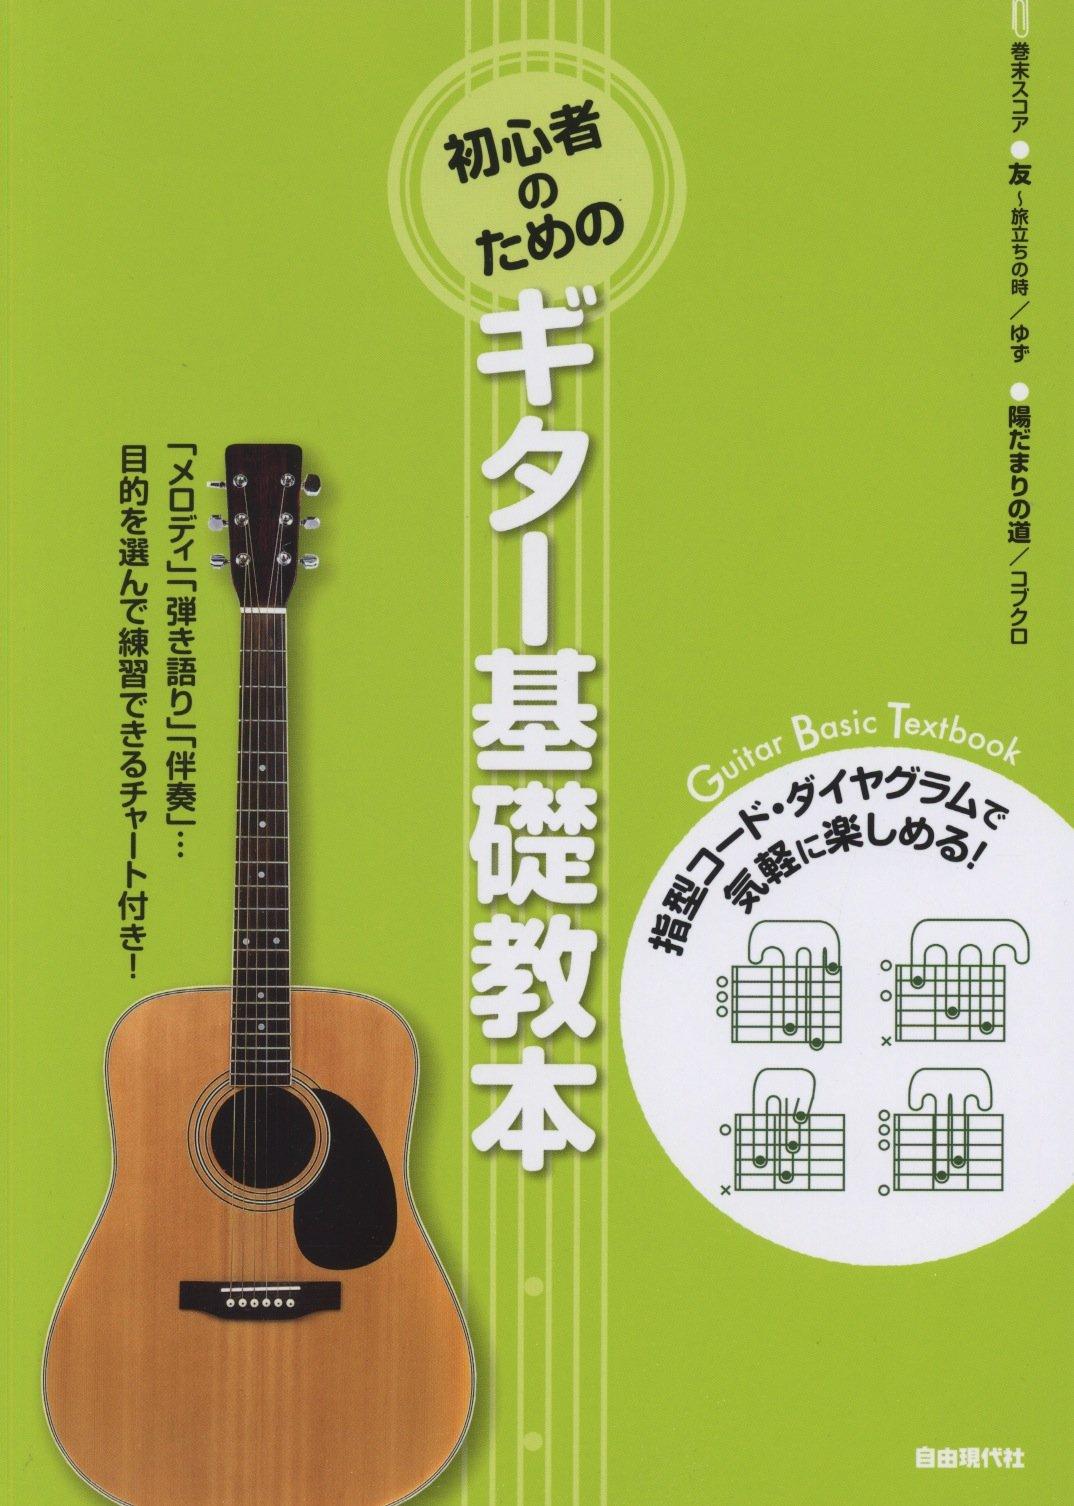 Shoshinsha no tame no gita kiso kyohon : Yubigata kodo daiyaguramu de kigaru ni tanoshimeru. 2014-2. pdf